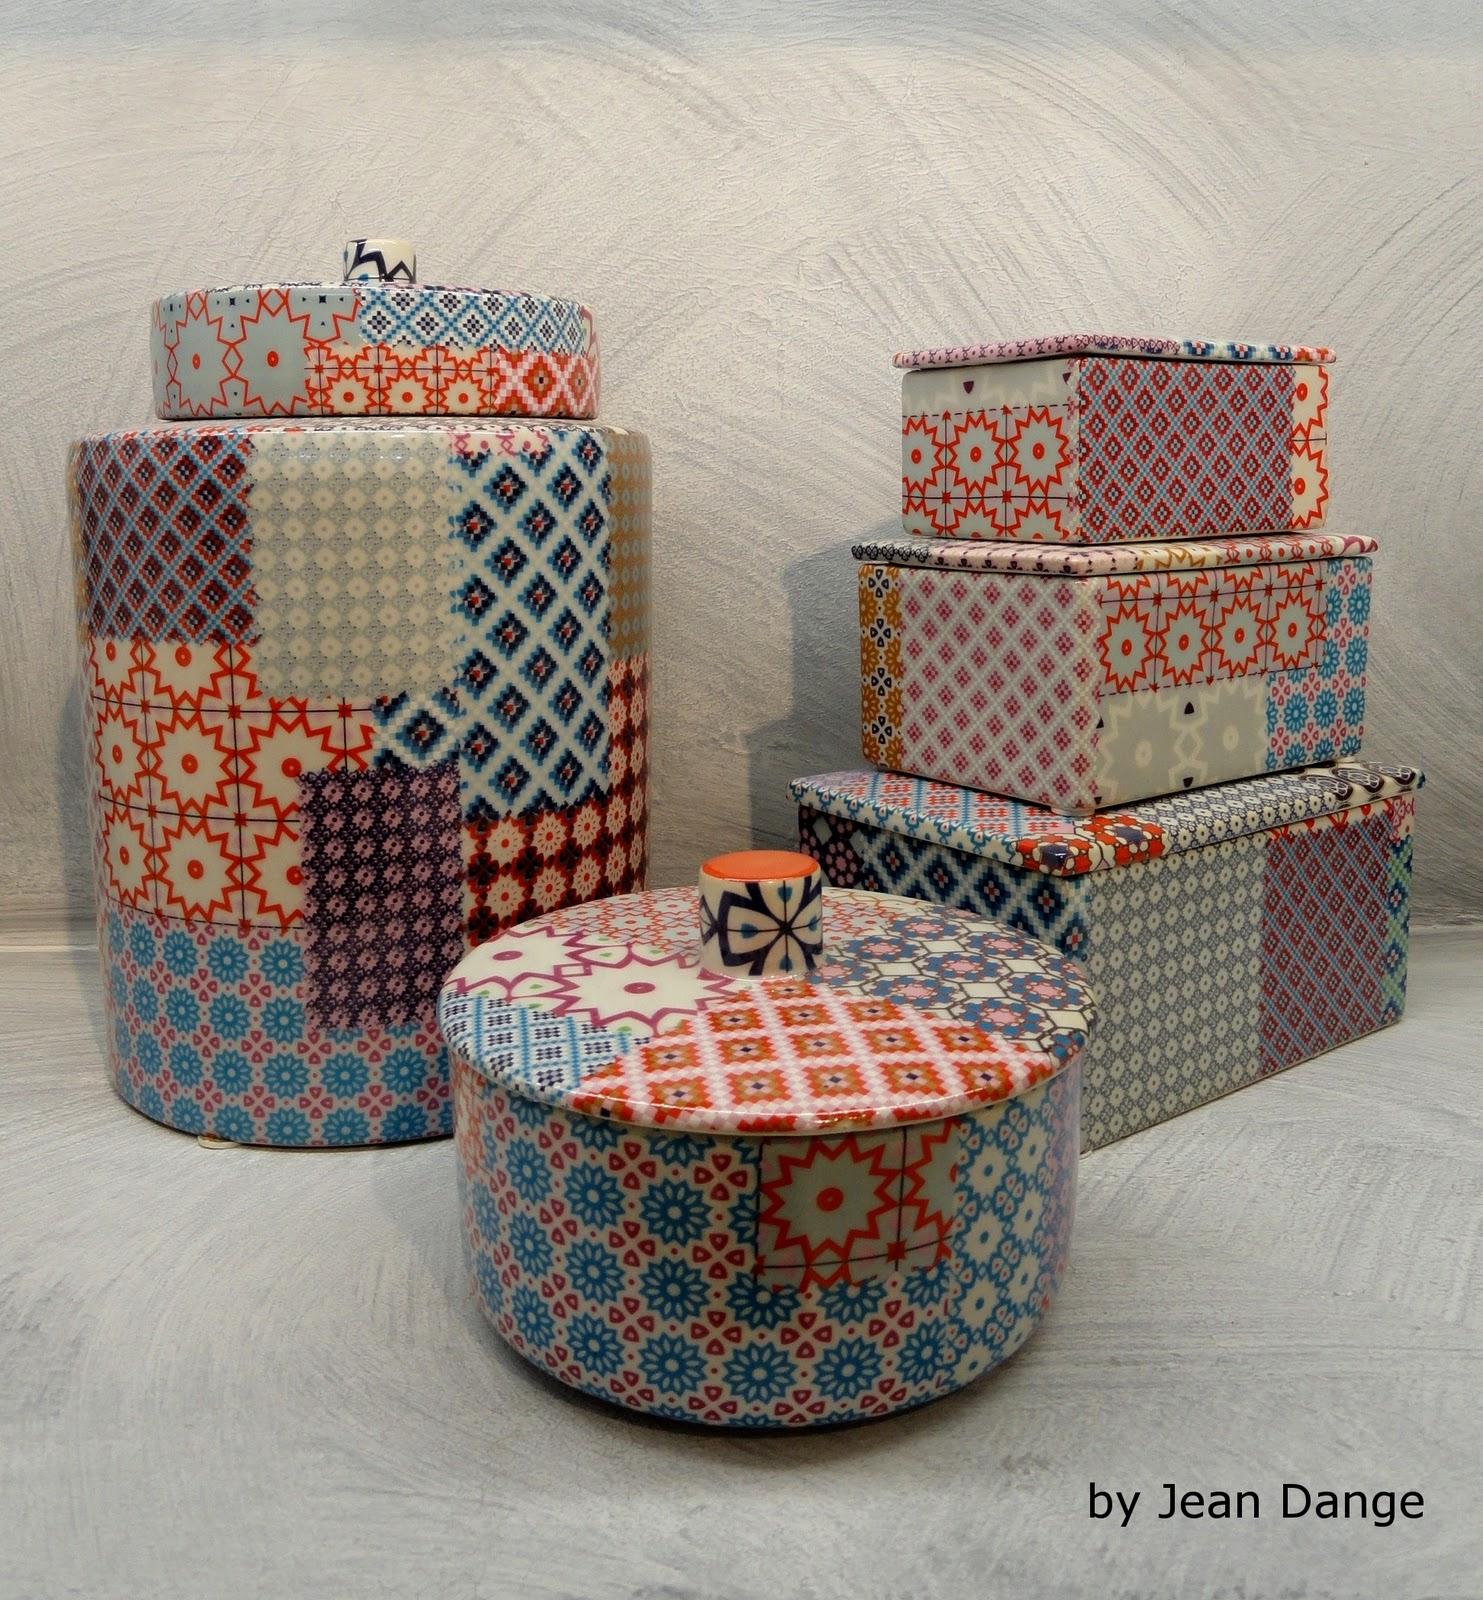 jean dange january 2011. Black Bedroom Furniture Sets. Home Design Ideas